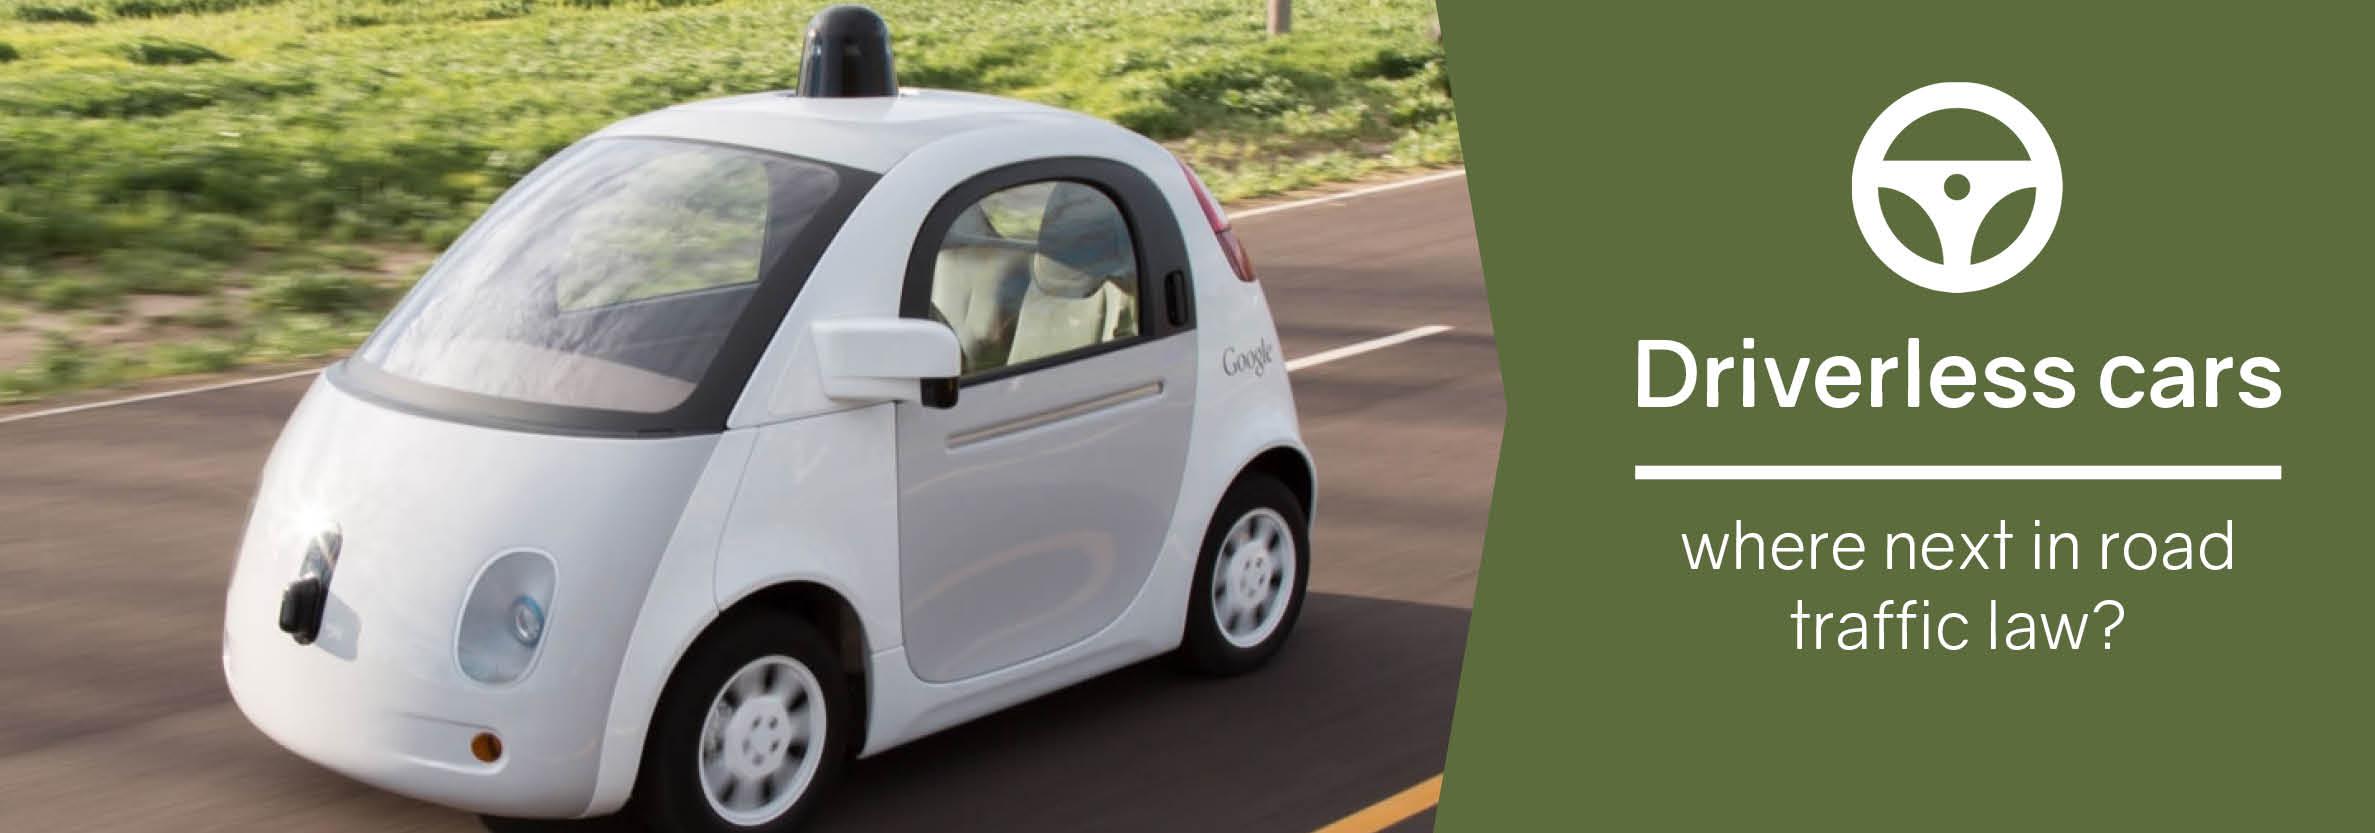 Driverless Cars Newnham Amp Jordan Solicitors